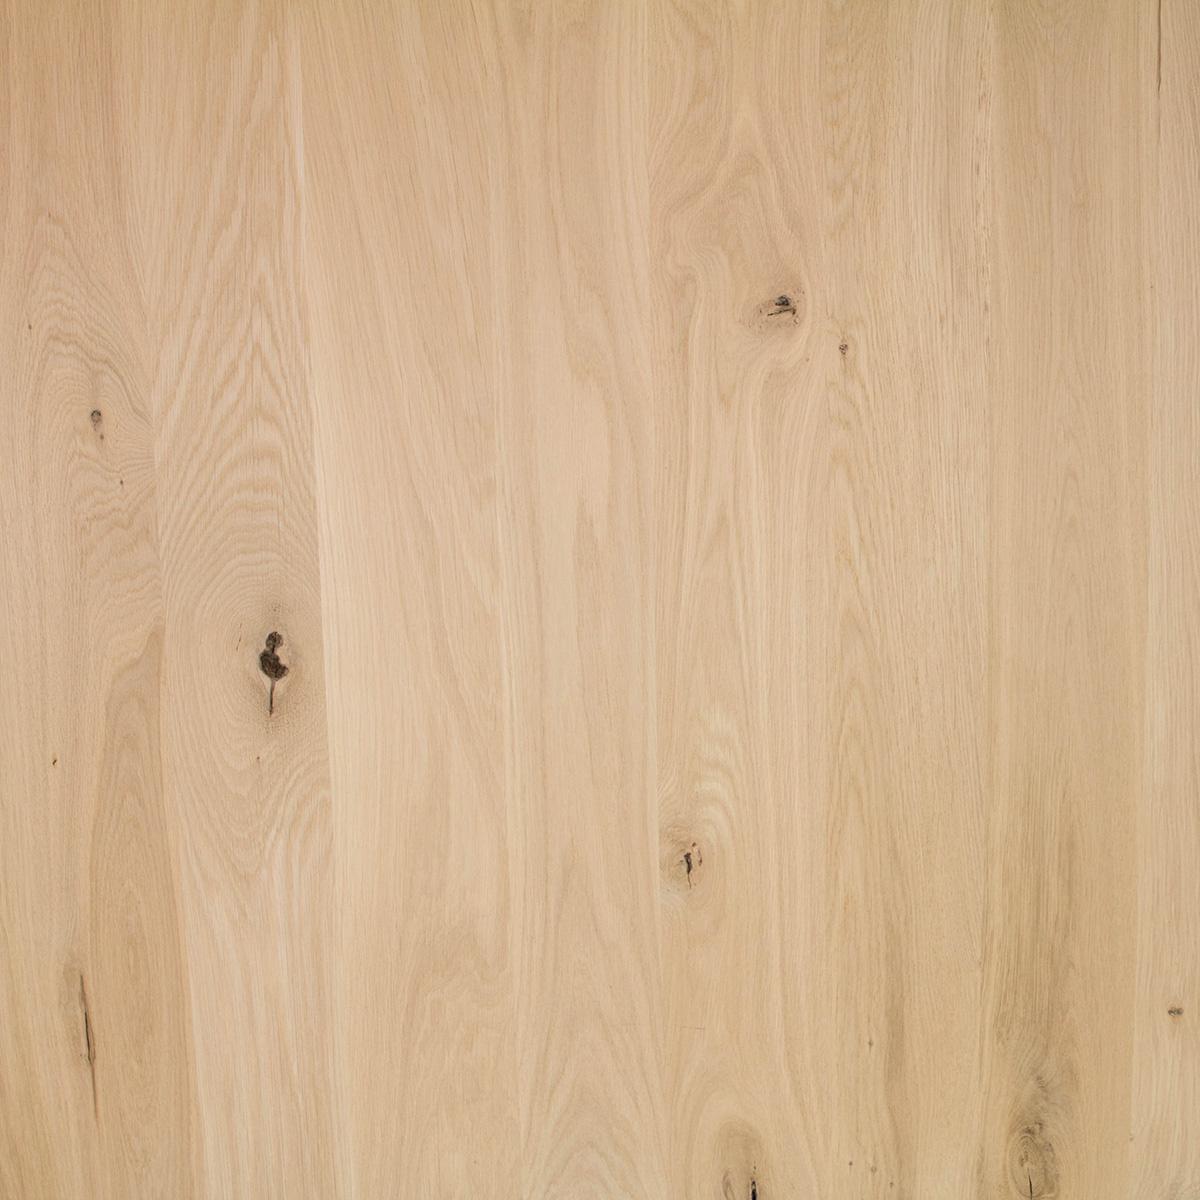 Eiken paneel - 3 cm dik (1-laag) - 122 cm breed - 140 - 300 cm lang in lengtestaffels van 20 cm - rustiek eikenhout kd 8-12% - verlijmd - doorgaande lamellen